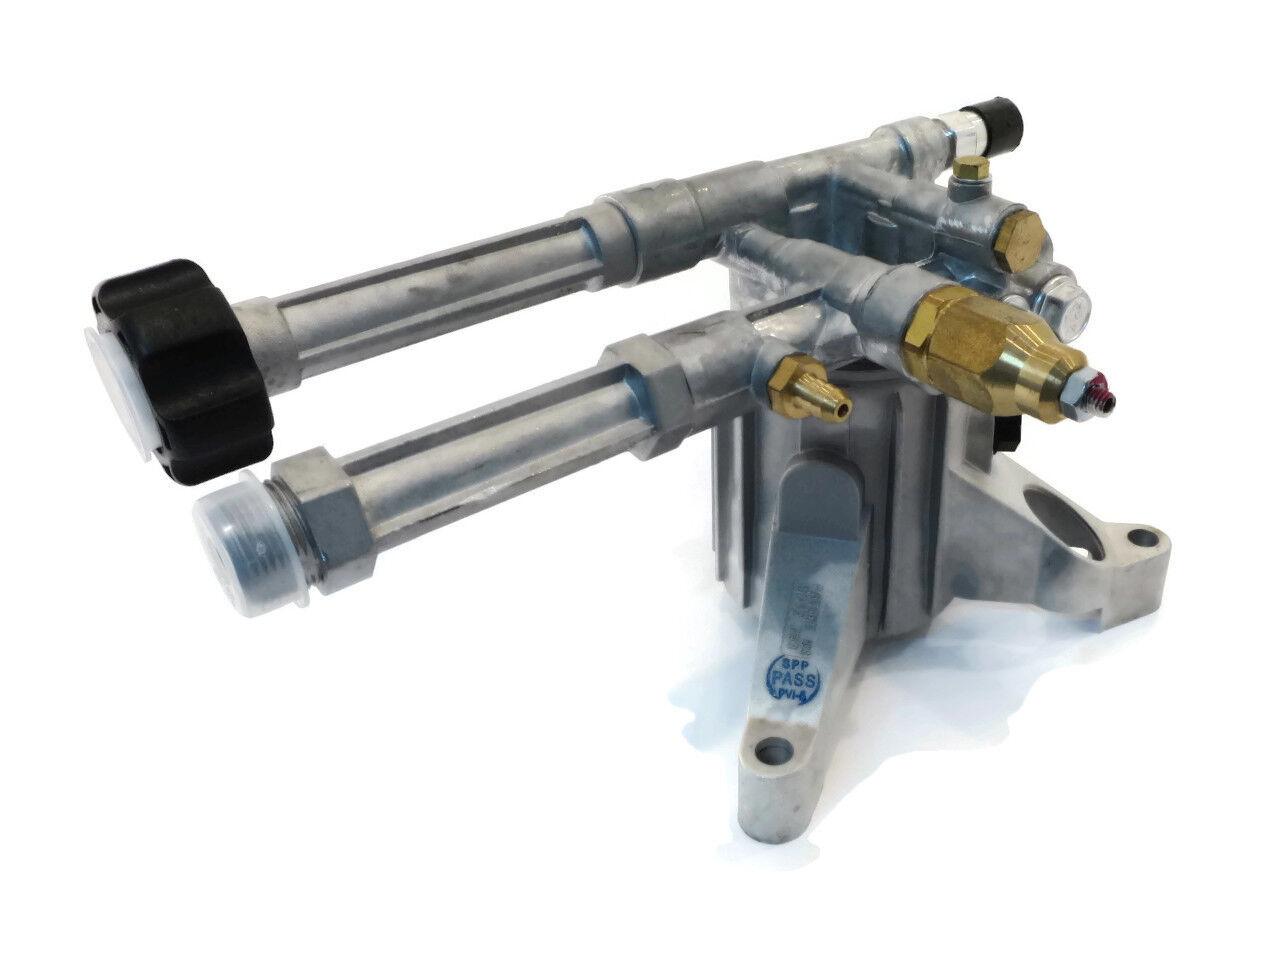 2400 Psi Ar Power Lavadora A Presión Bomba De Agua Agua conductor exvrb2321-1 exvrb2321